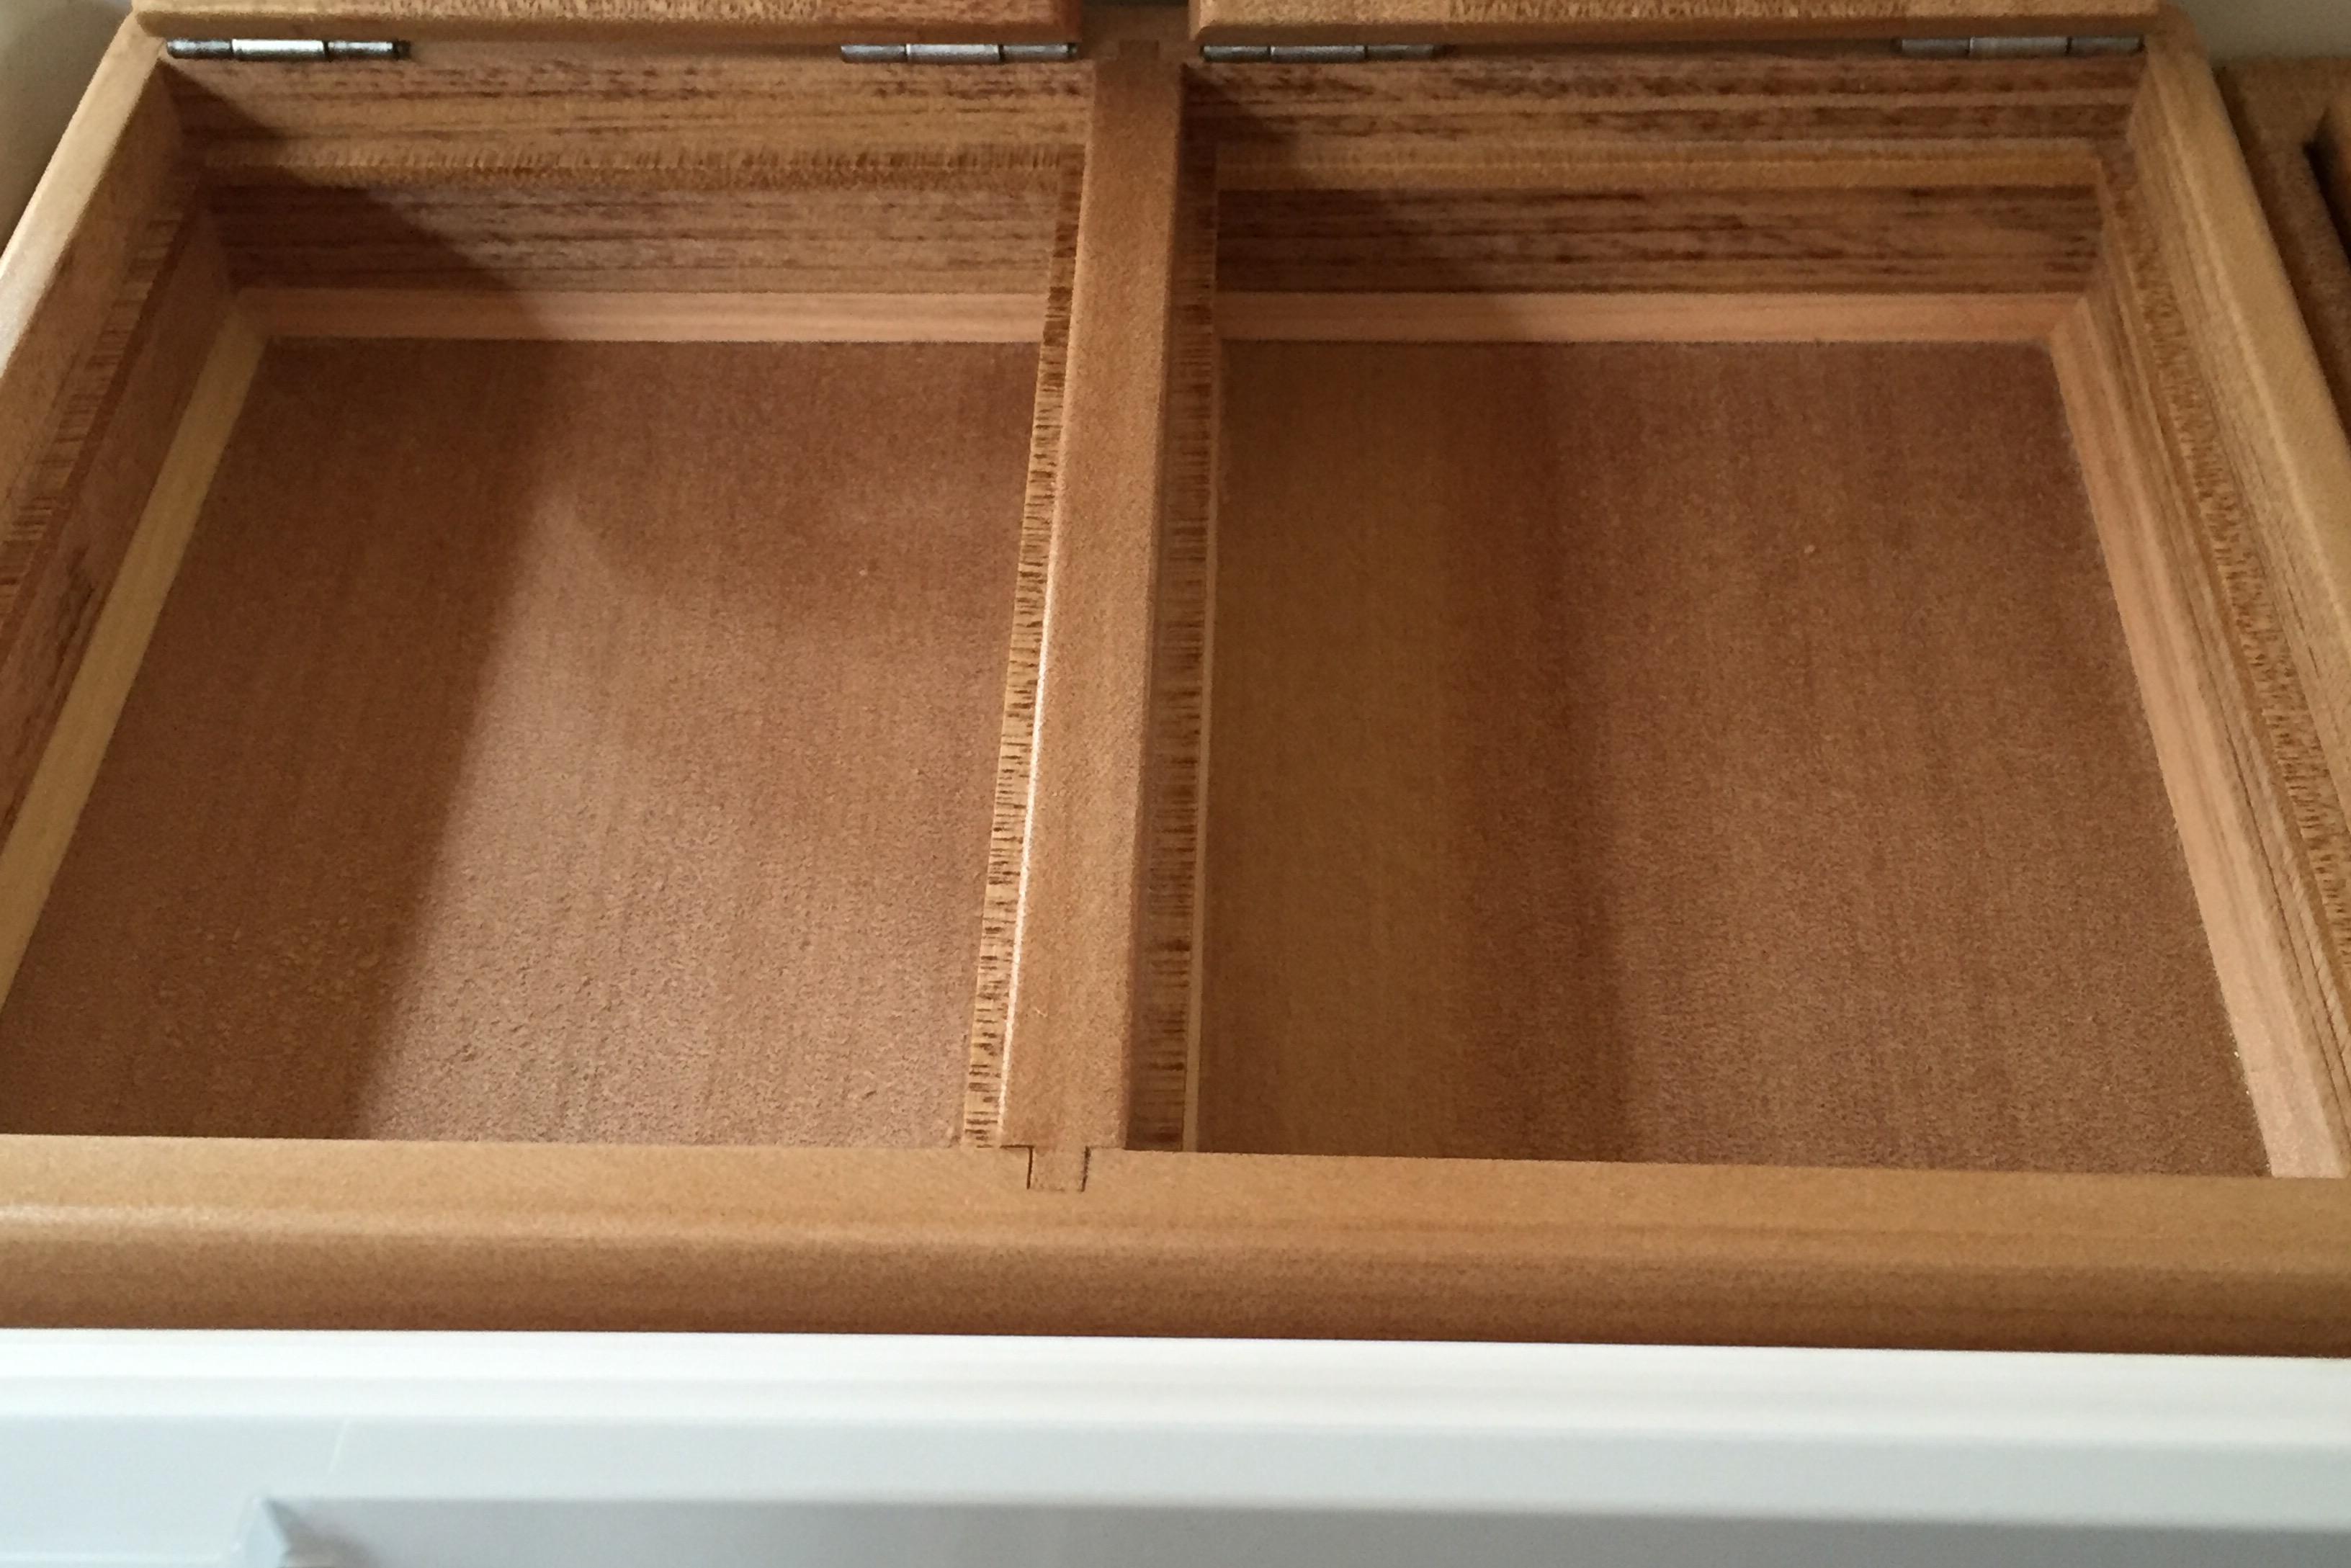 2室保存エサ箱の外寸法は、240mm×170mm×45mm。内寸法107mm×150mm×23mm×2室。